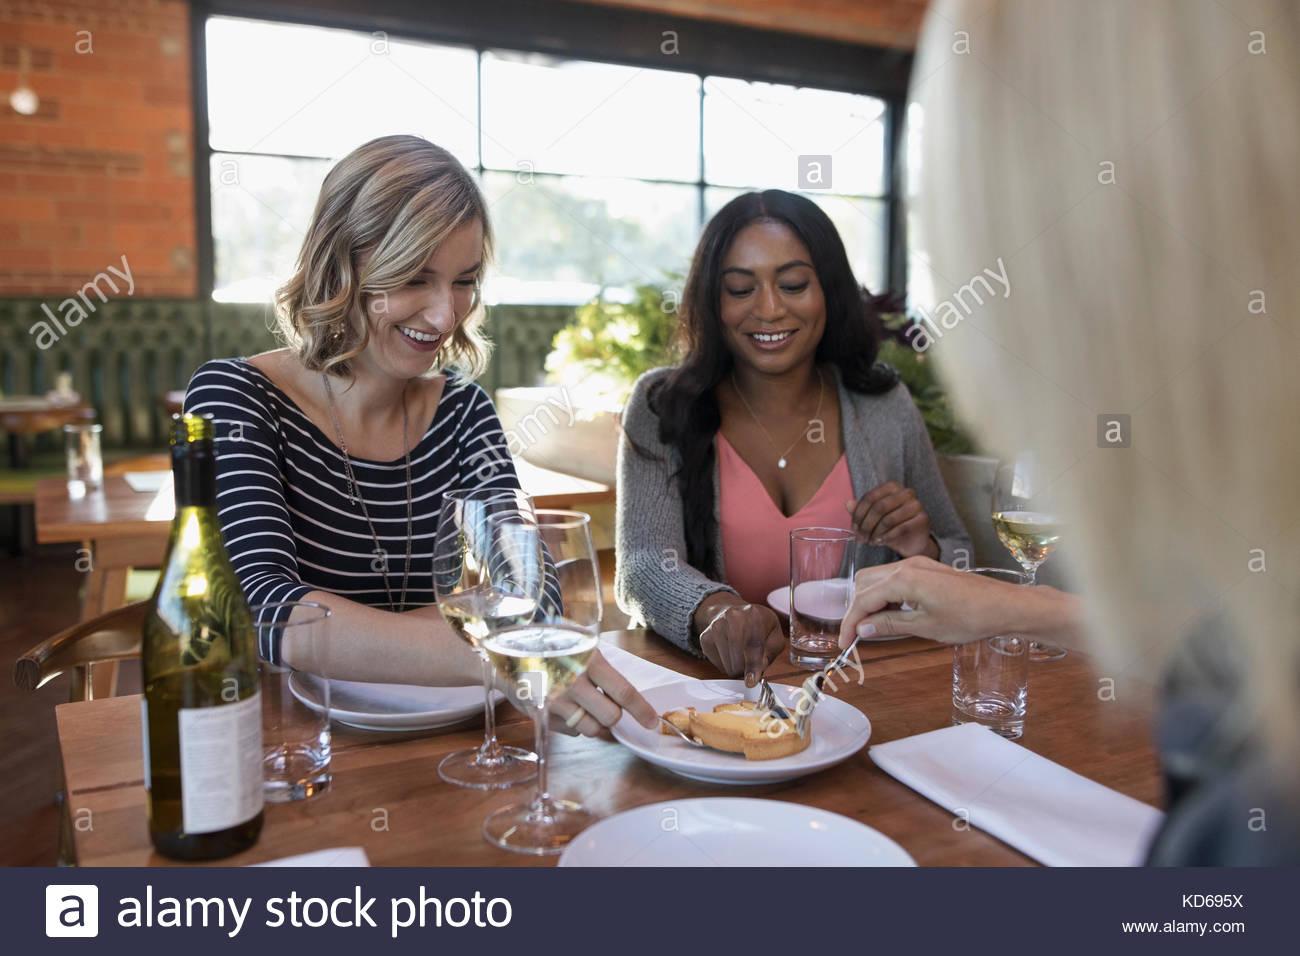 Le partage d'amis femmes dessert et de boire du vin blanc, un repas à table de restaurant Photo Stock